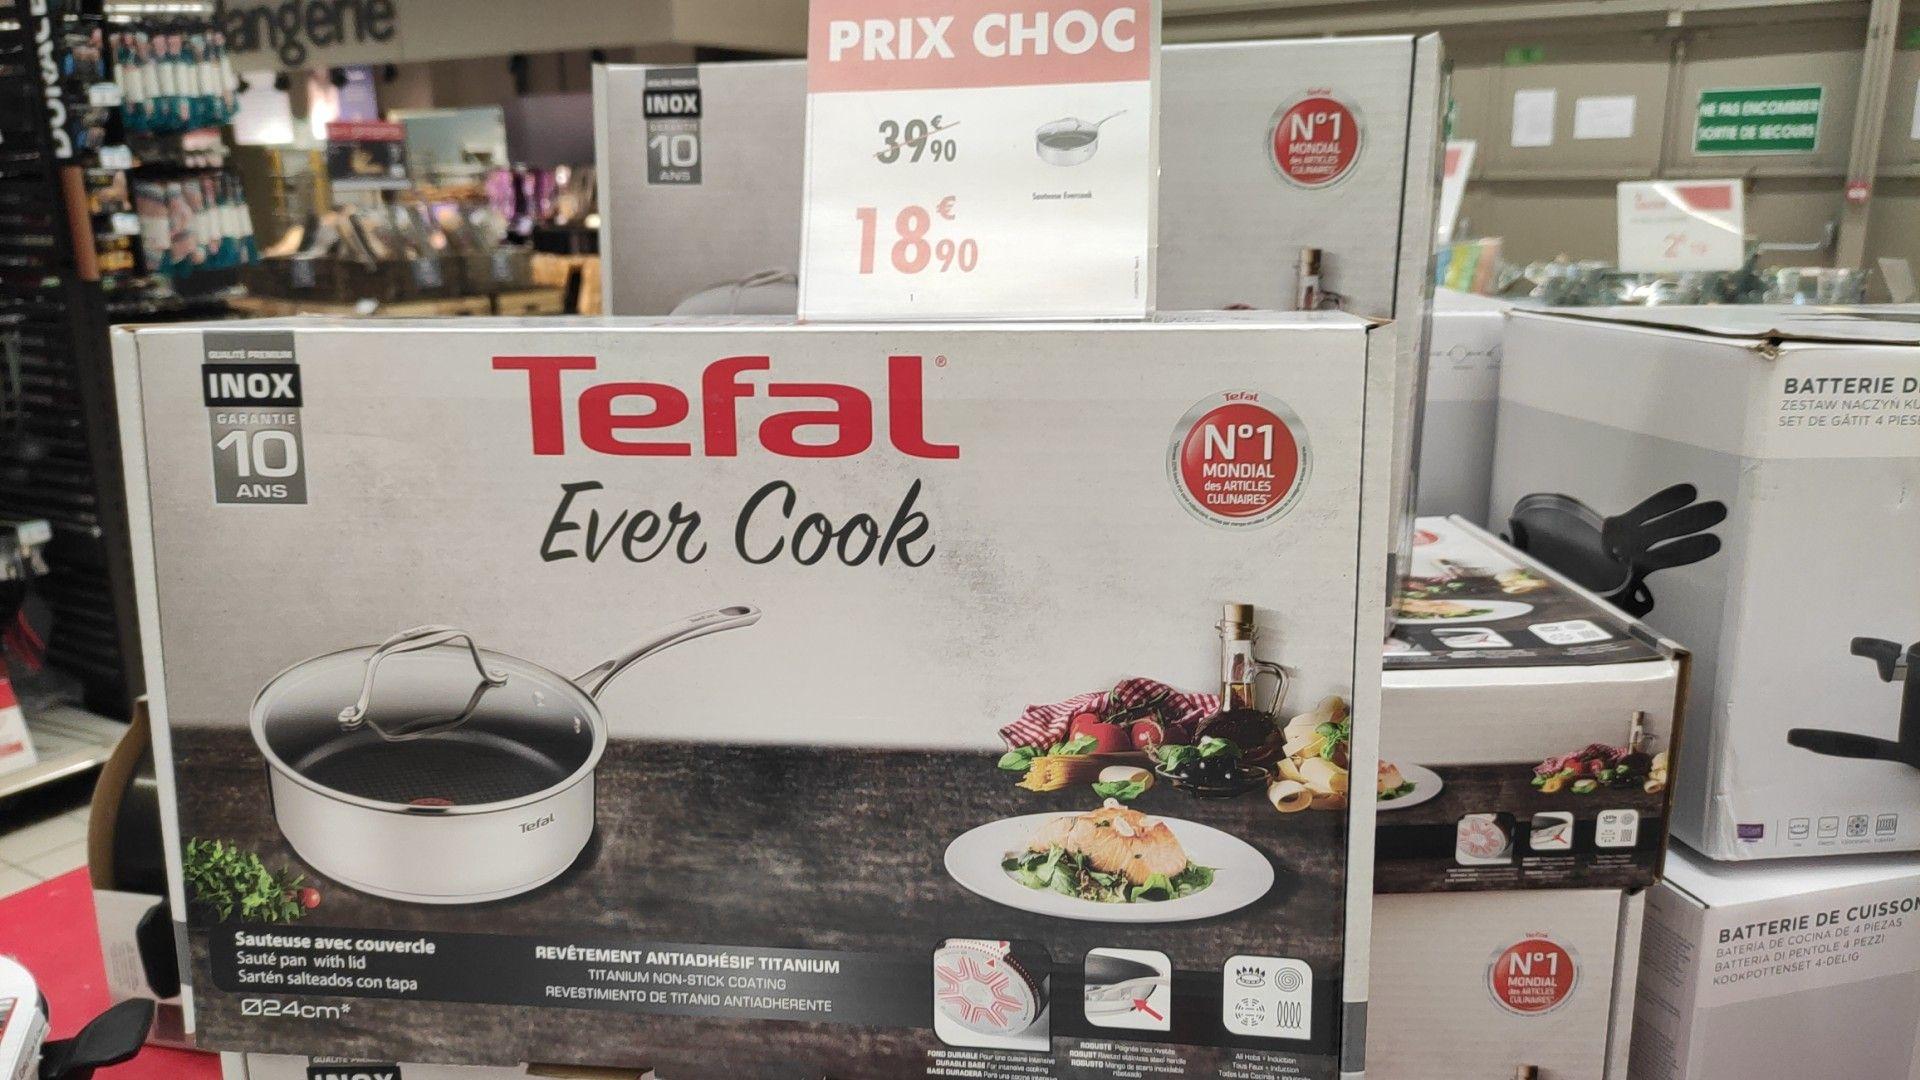 Sauteuse avec couvercle Tefal Ever Cook - 24cm, Argent (Tous feux dont induction) - Givors (69)